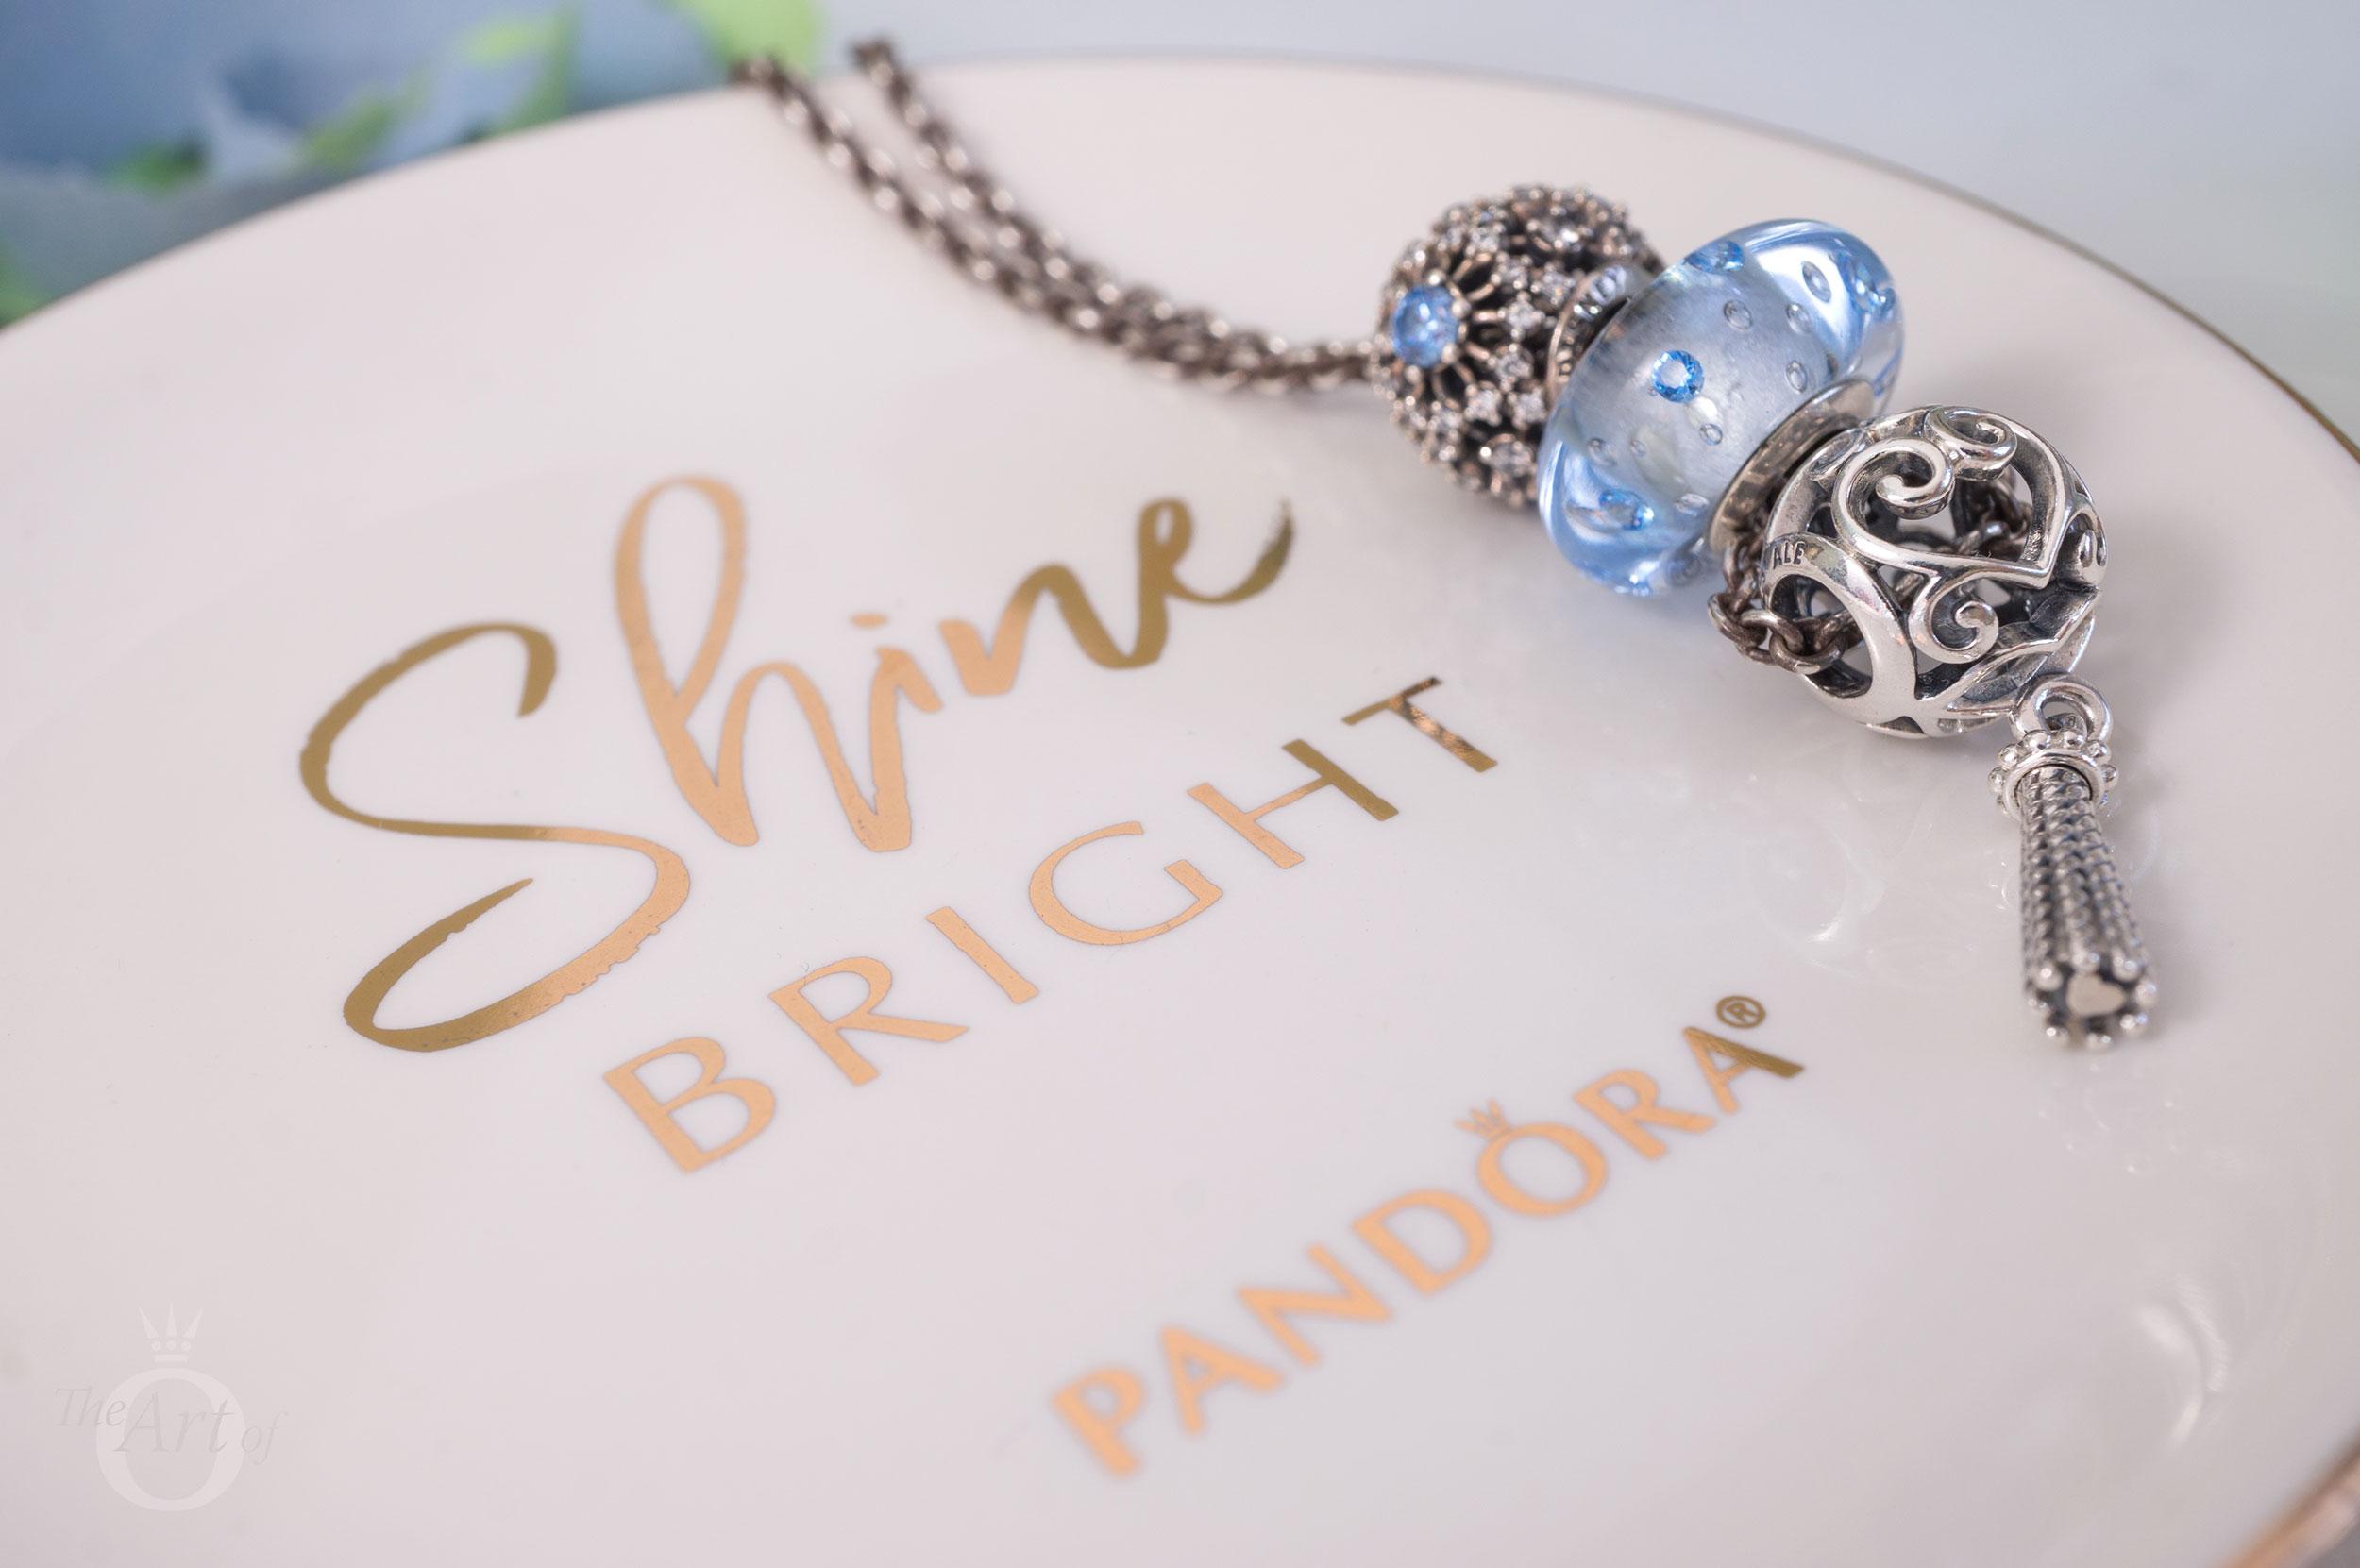 db40d507d 797037-PANDORA-Enchanted-Heart-Tassel-s4bl - The Art of Pandora ...